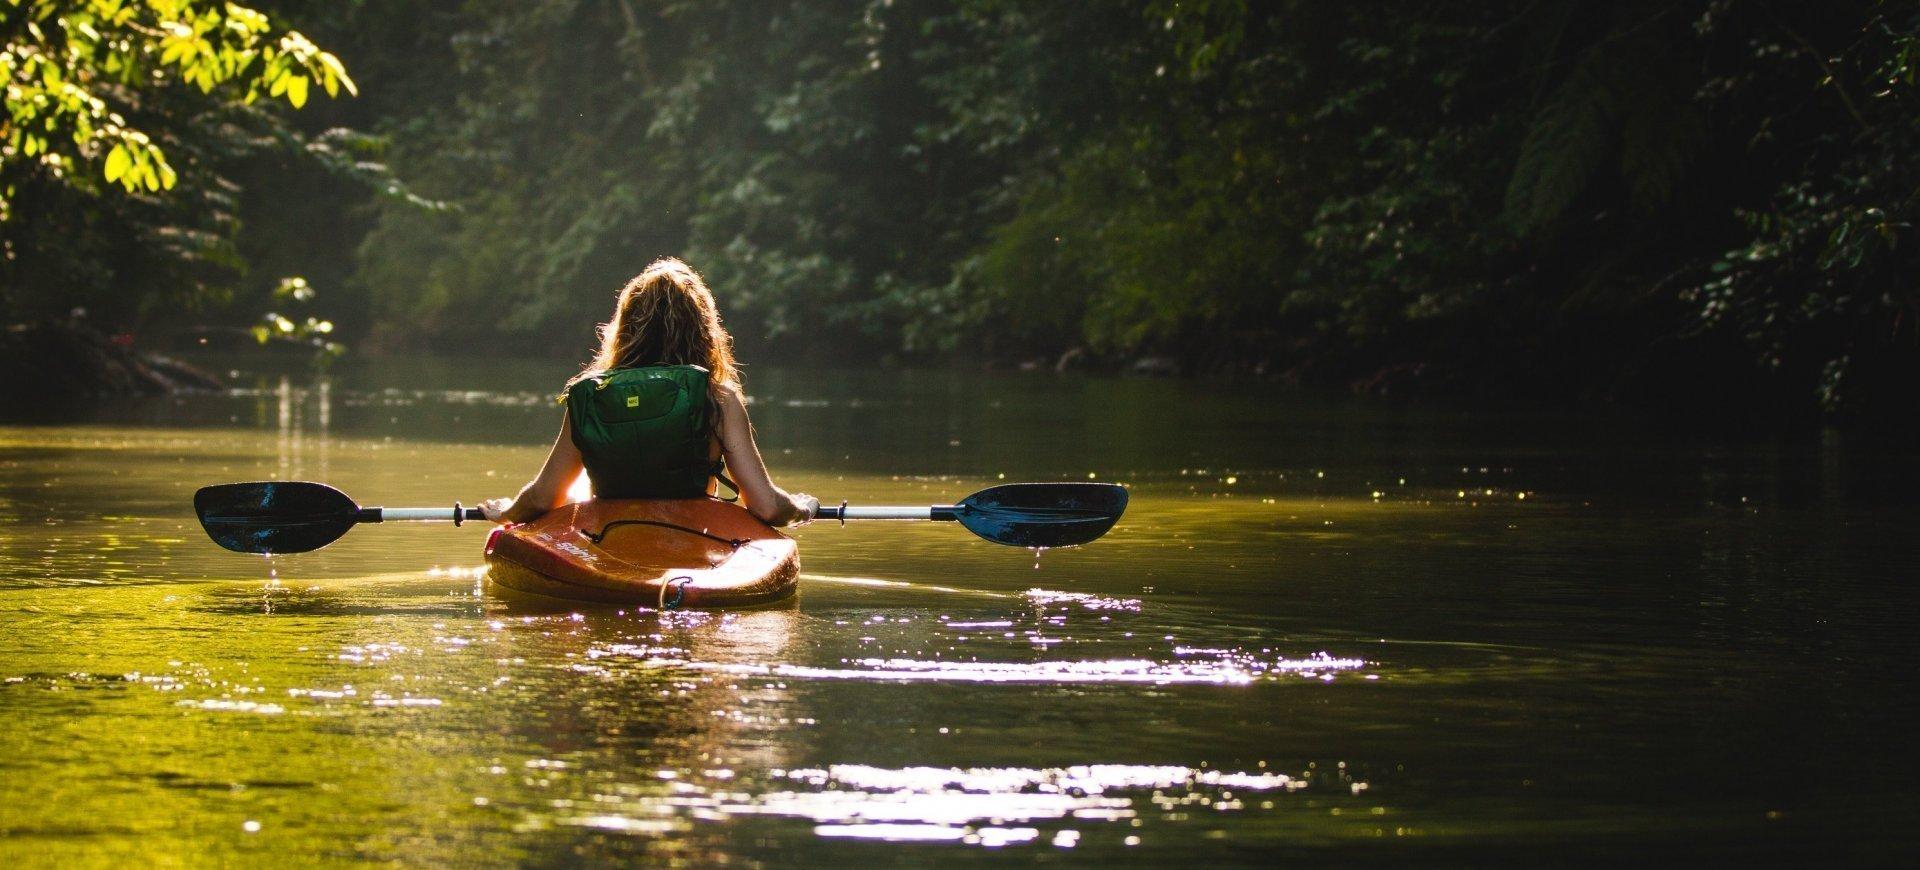 Rzuć wyzwanie naturze